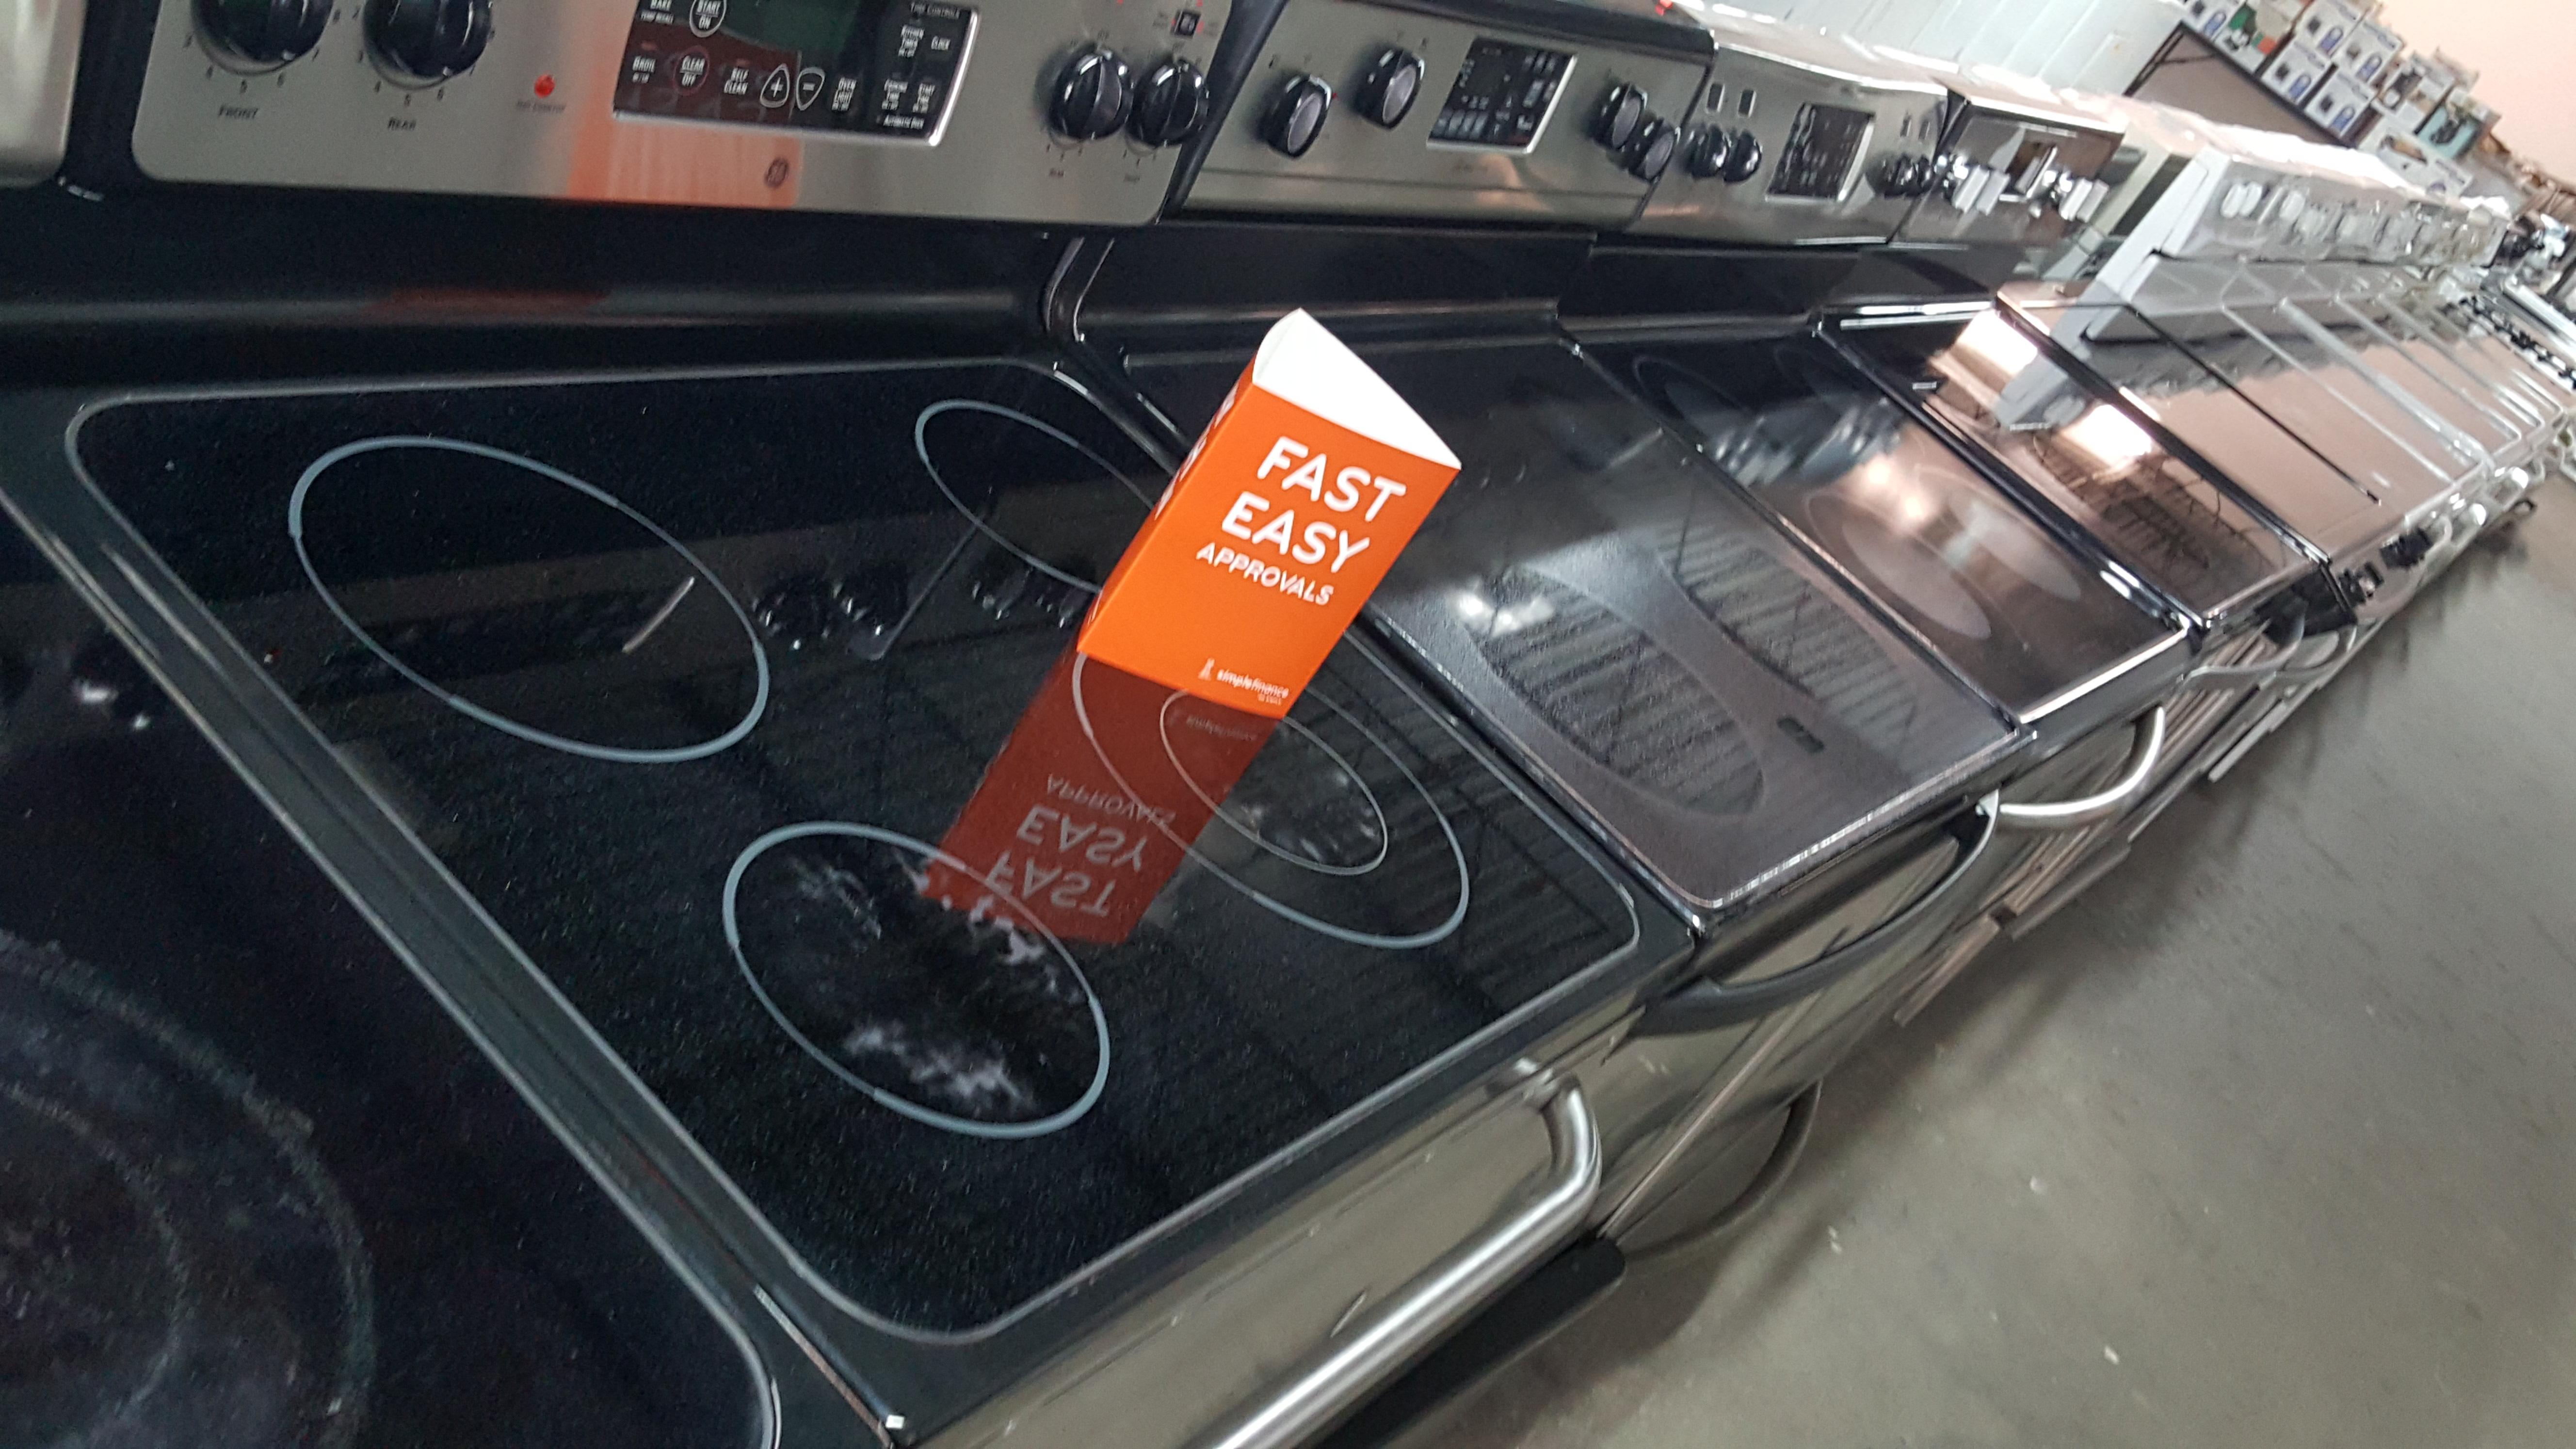 All Appliance plus LLC